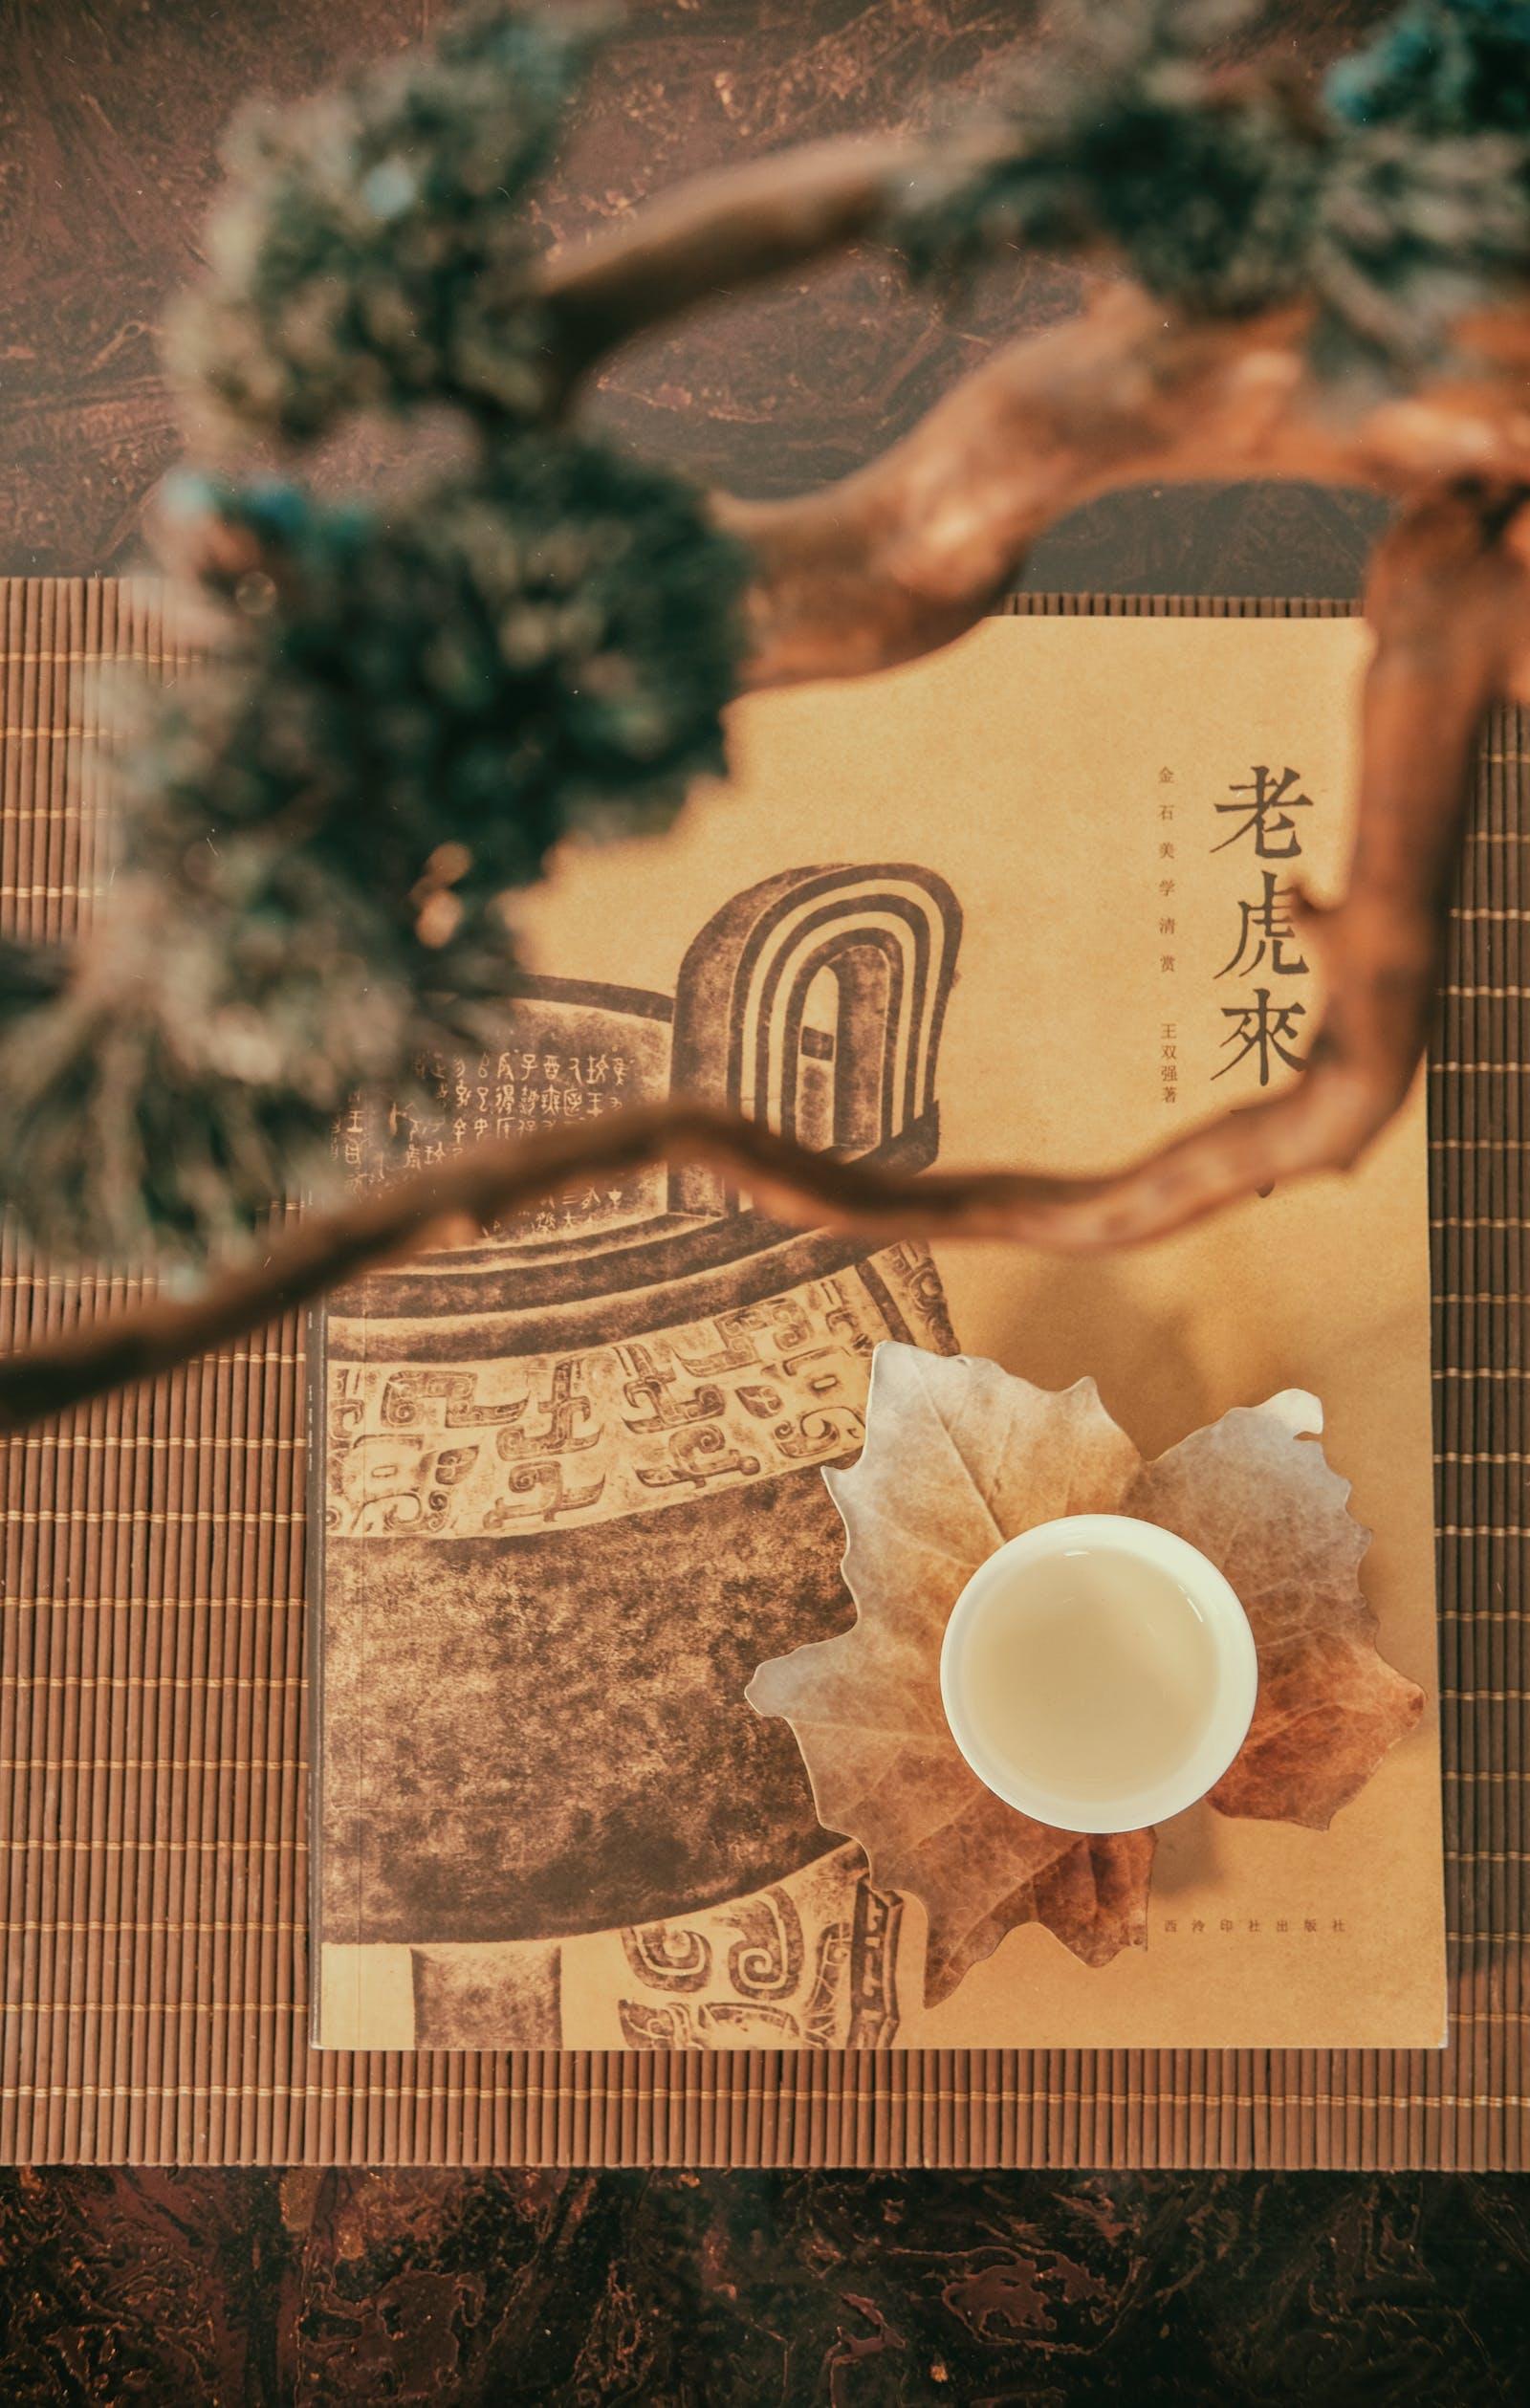 Le Reïki méthode naturelle de soin japonais par imposition des mains